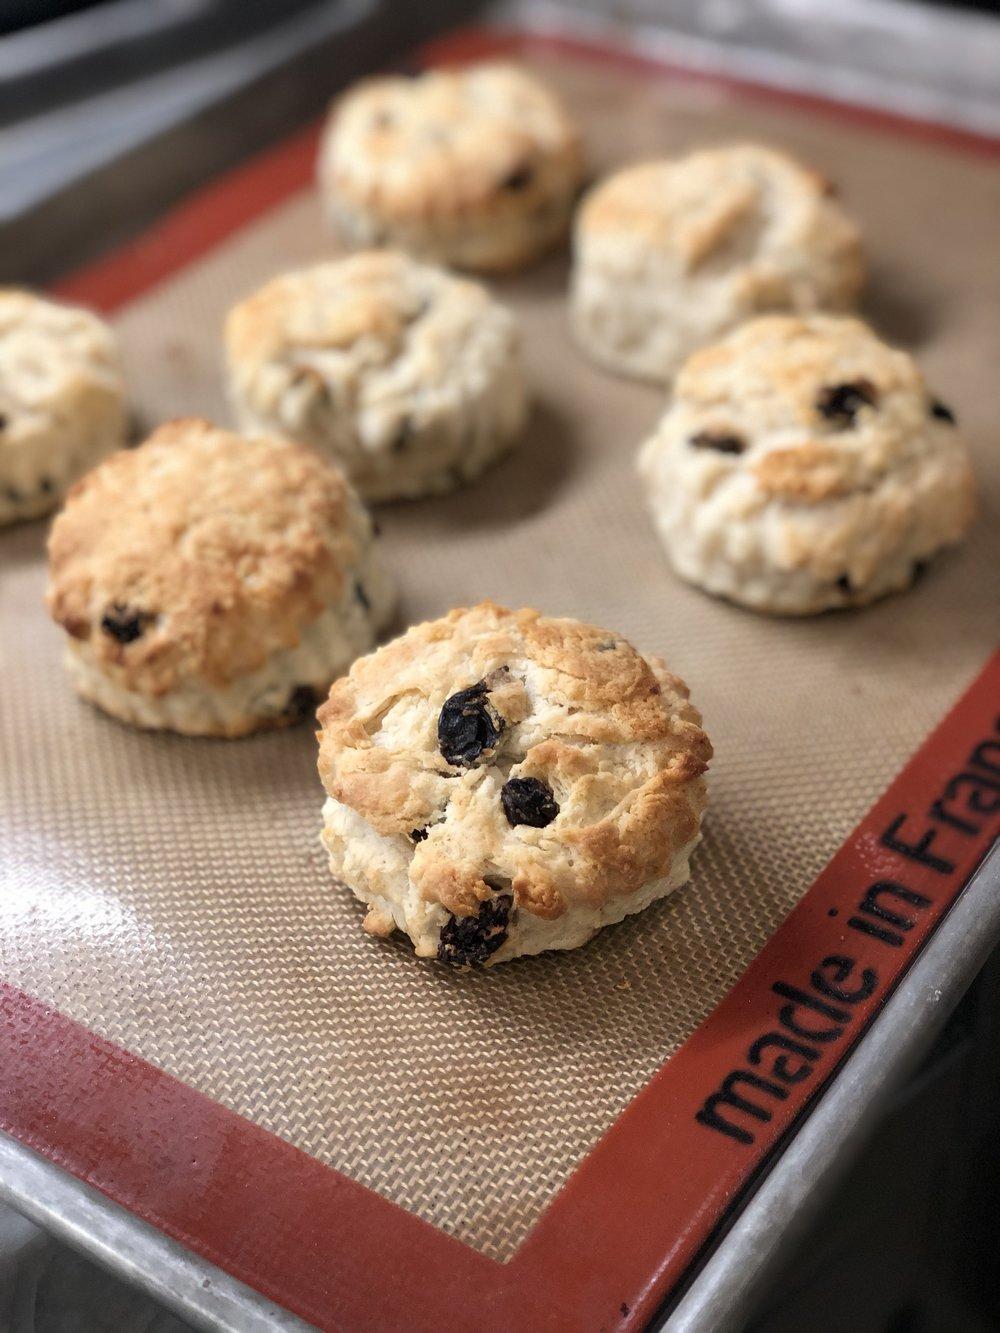 Sour Cream Raisin Biscuits